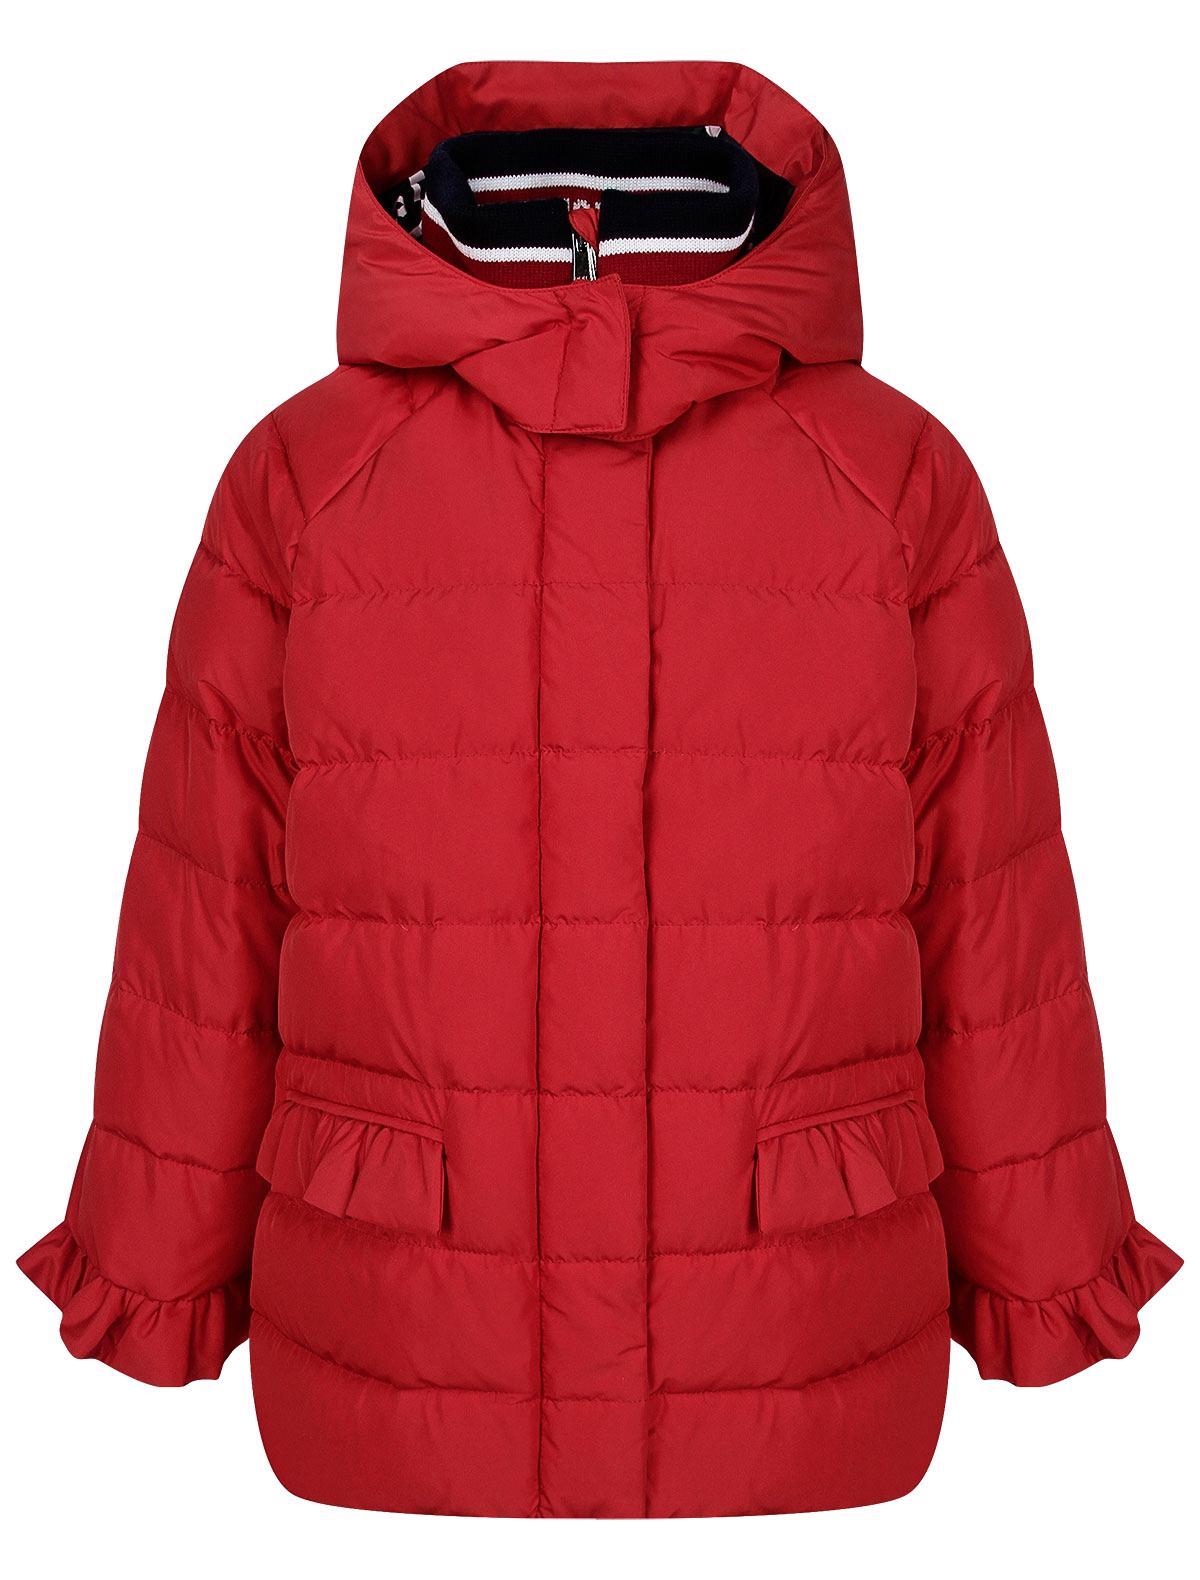 Купить 2263818, Куртка Dolce & Gabbana, красный, Женский, 1074509084723